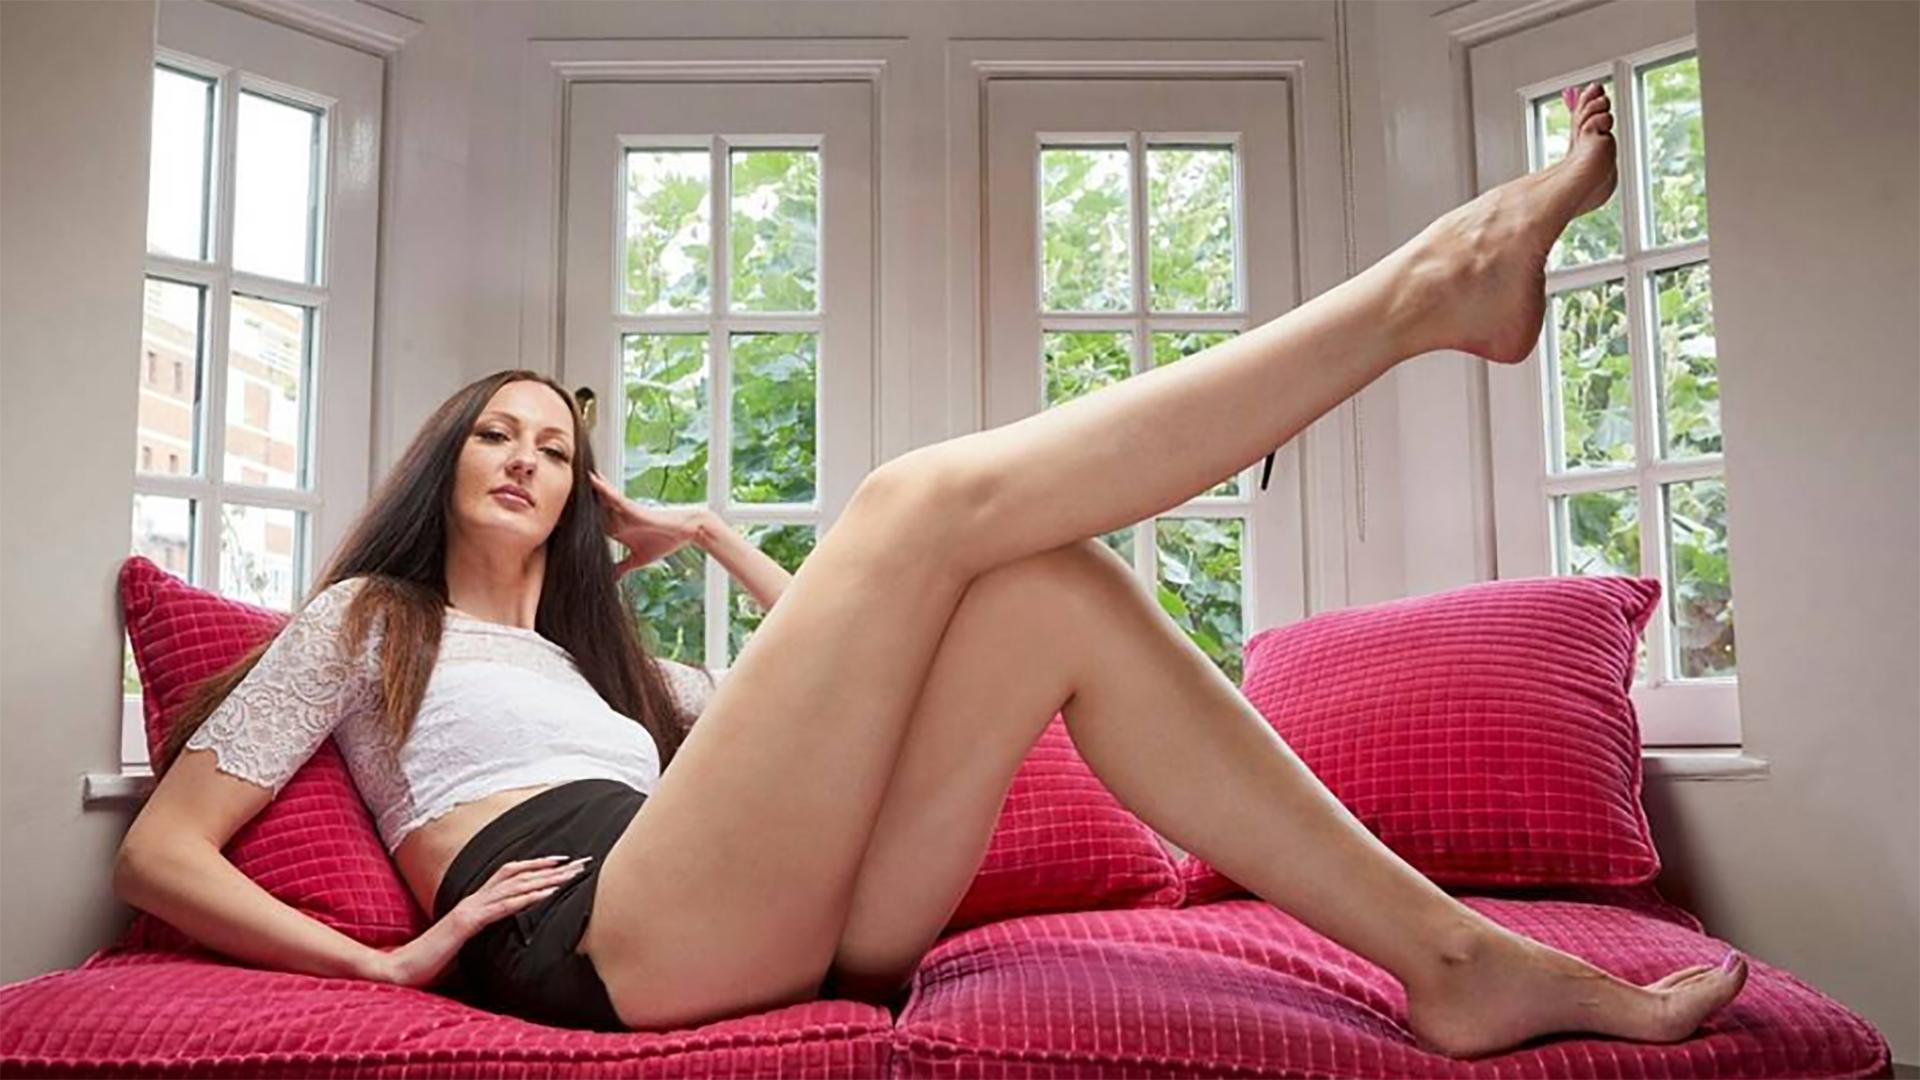 Actriz Porno Por Sin Piernas ekaterina lisina, la mujer con las piernas más largas del